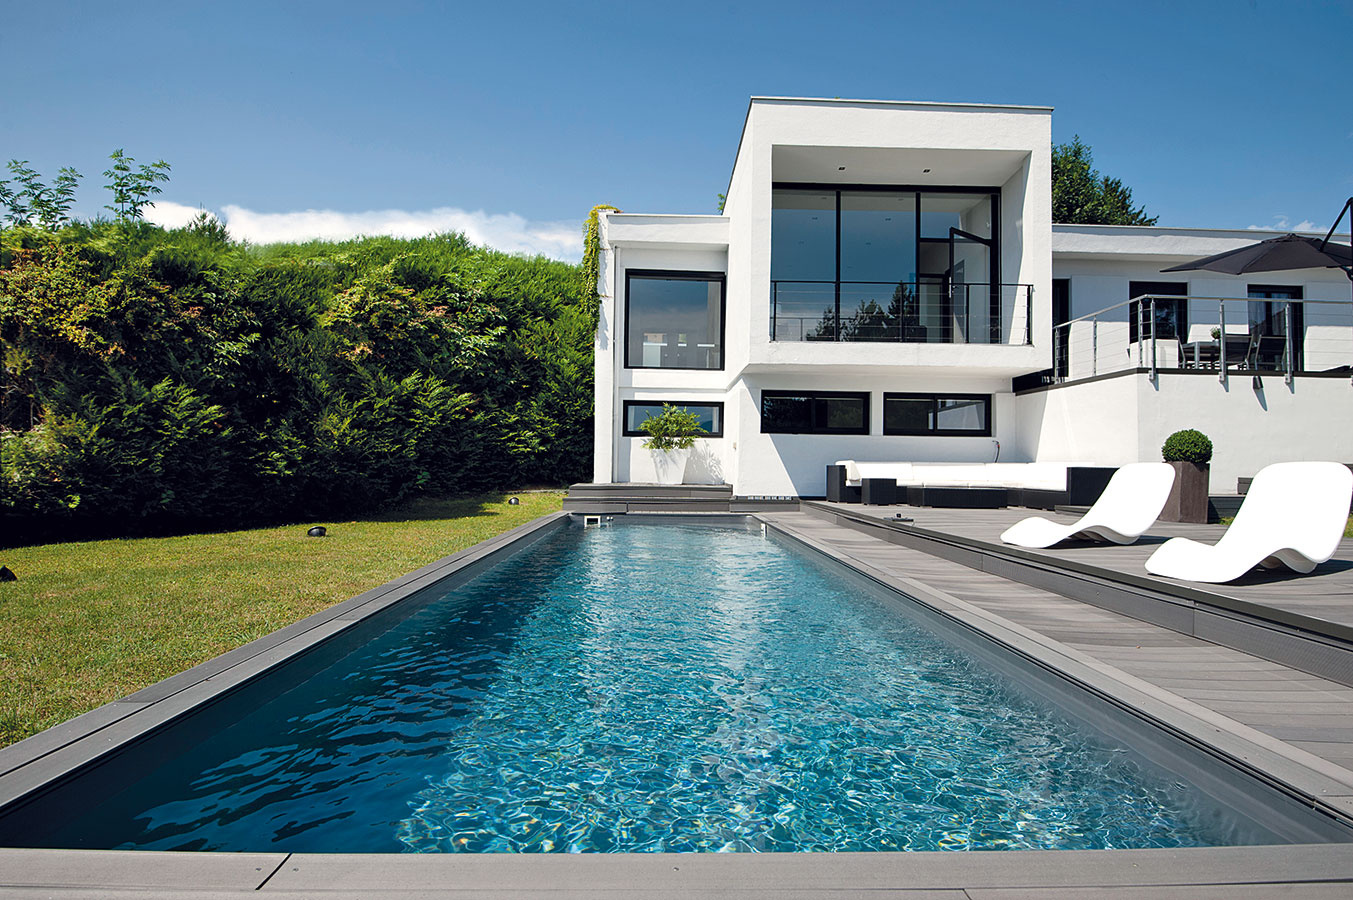 Bazén by sa mal dať pohodlne obísť, umiestnenie pri stene alebo vrohu teda nie je ideálne. Okolo celého bazéna by mal byť voľný priestor sminimálnou šírkou 50 cm, ideálne 1 m. Na jednej až dvoch stranách (vmieste, kde sa doň vchádza) by sa táto plocha mala rozšíriť na terasu so šírkou 2, ideálne 2,5 až 3 m na pohodlné umiestnenie ležadiel asedenia. Zhľadiska údržby bazéna nie je praktické, ak sa za jeho okrajmi nachádza trávnik.